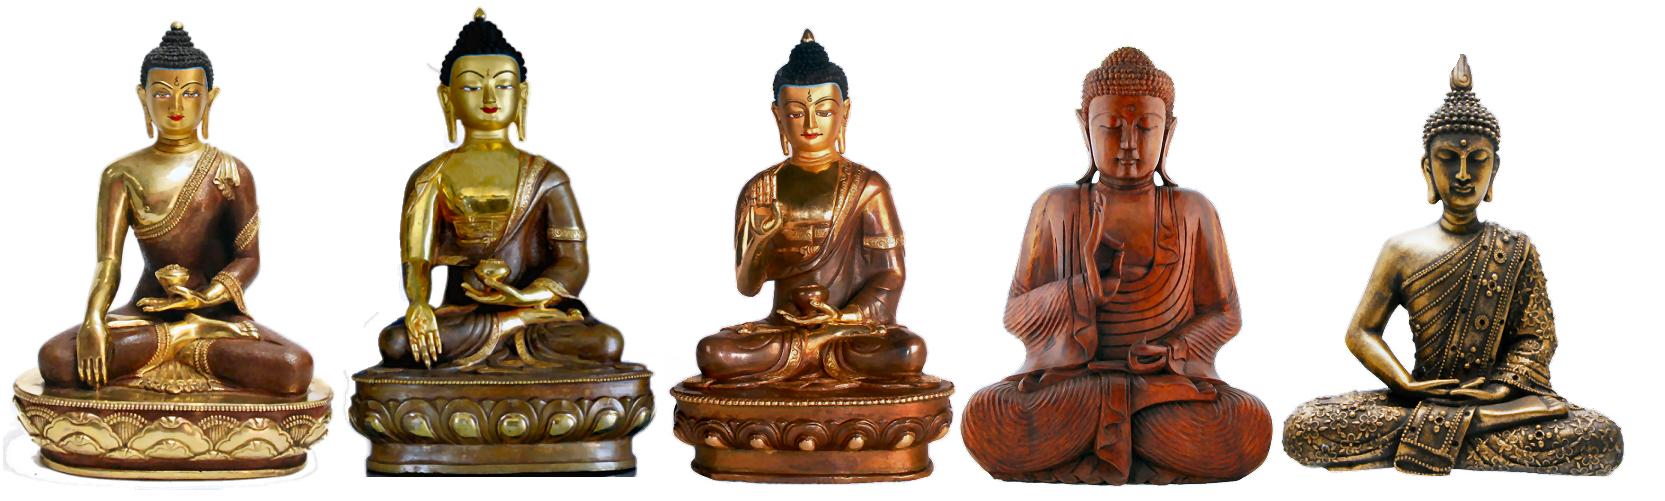 La Visión Perfecta En El Budismo